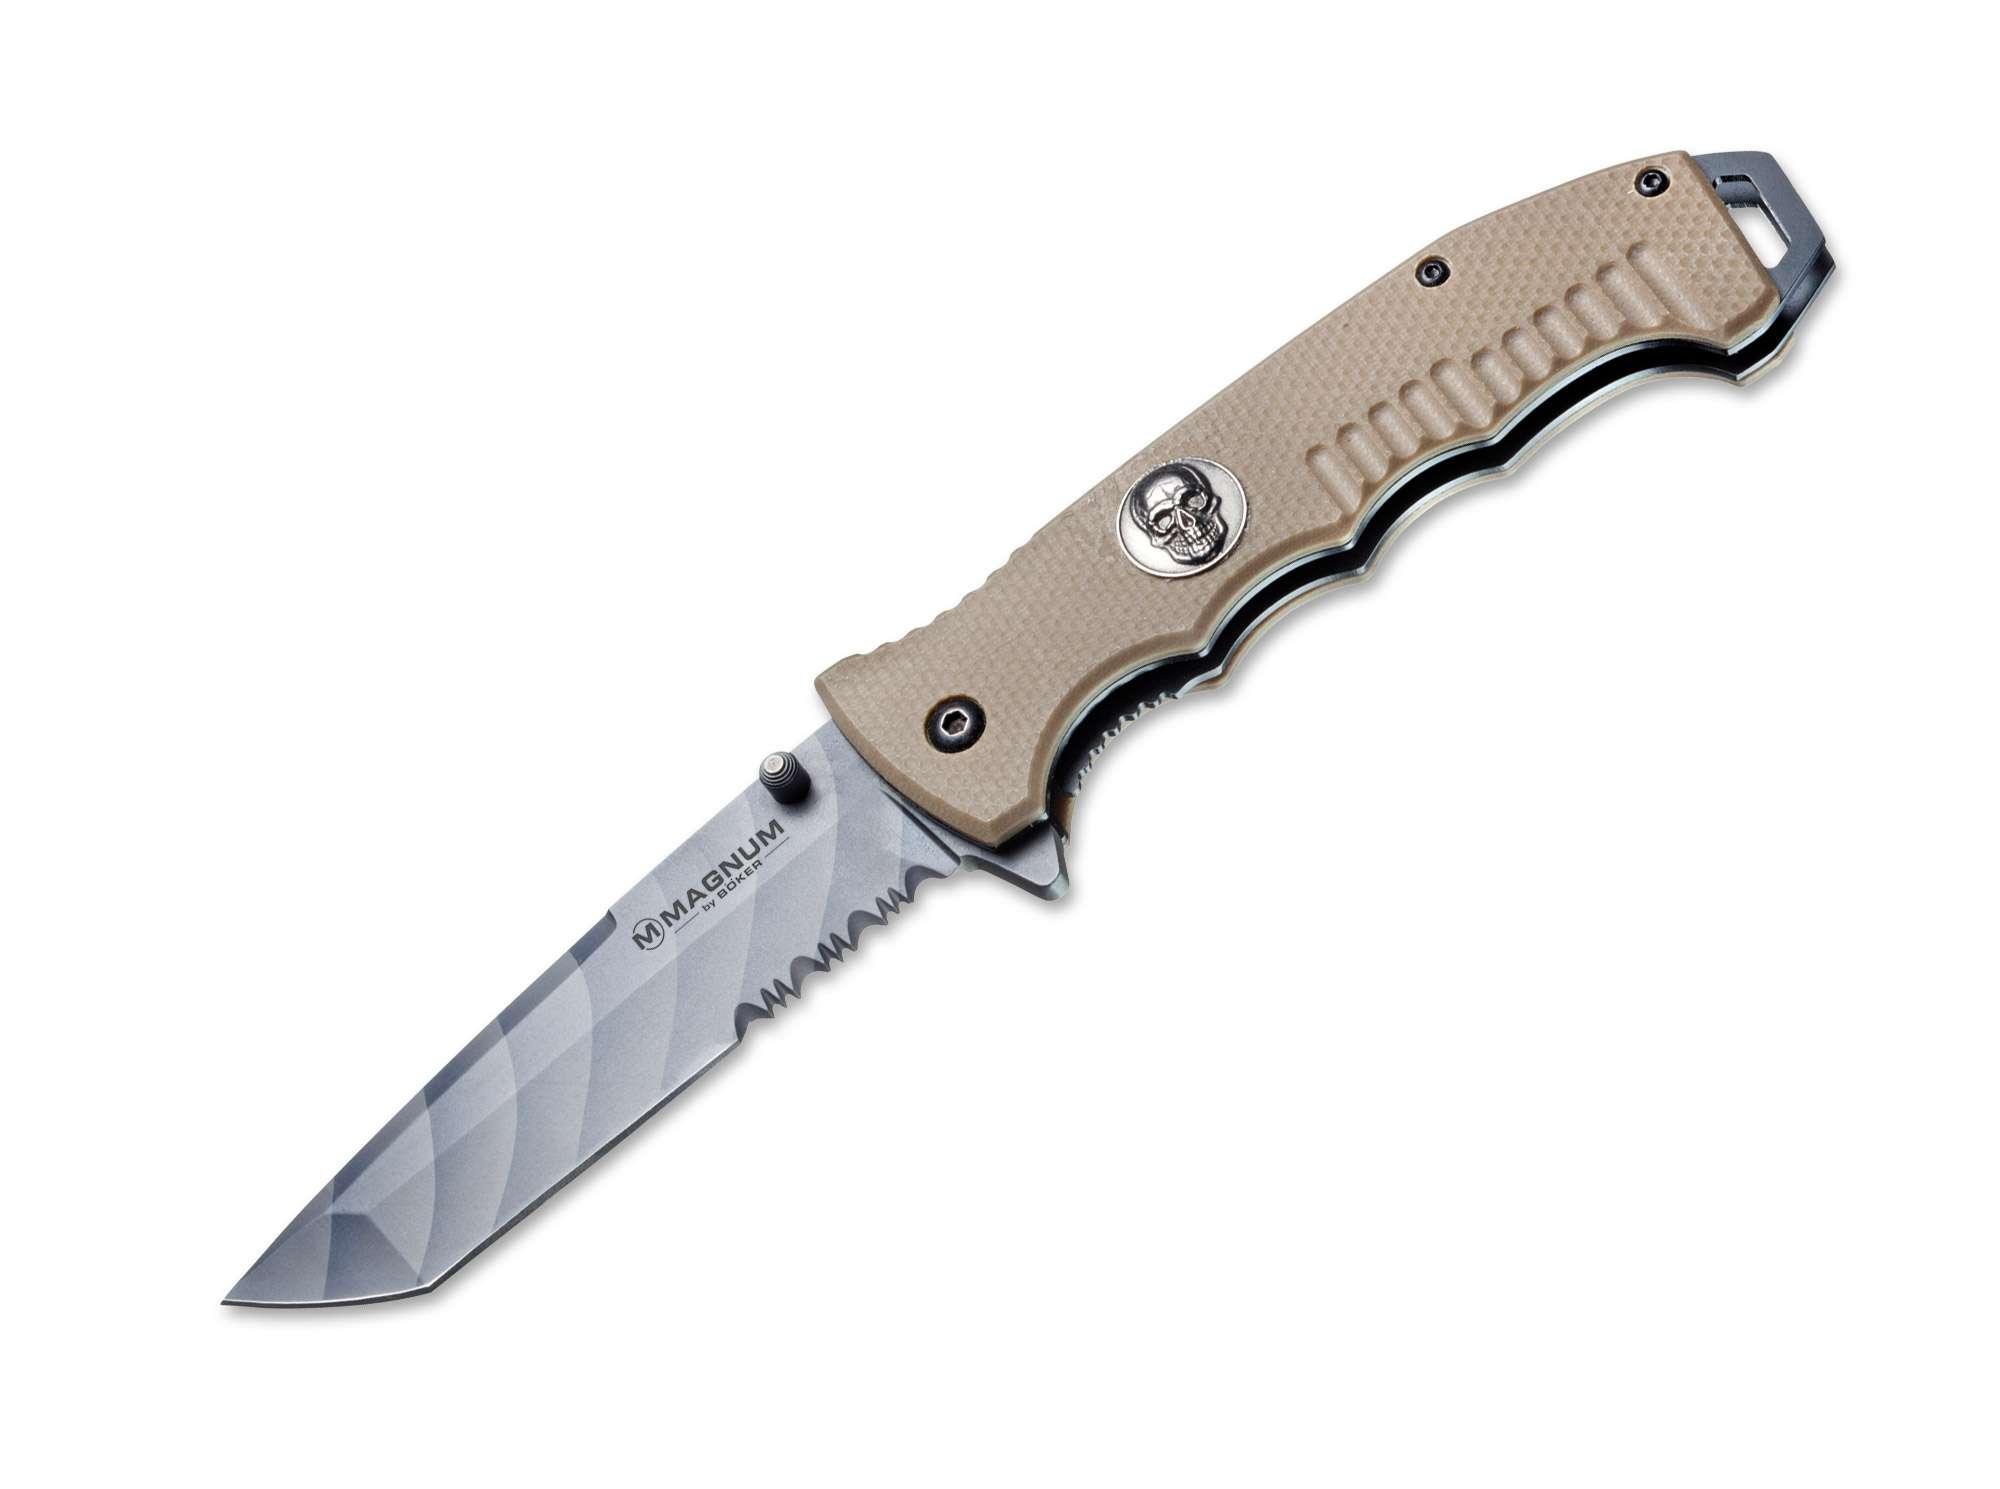 Kapesní nůž Böker Magnum Shades of gray 01SC648